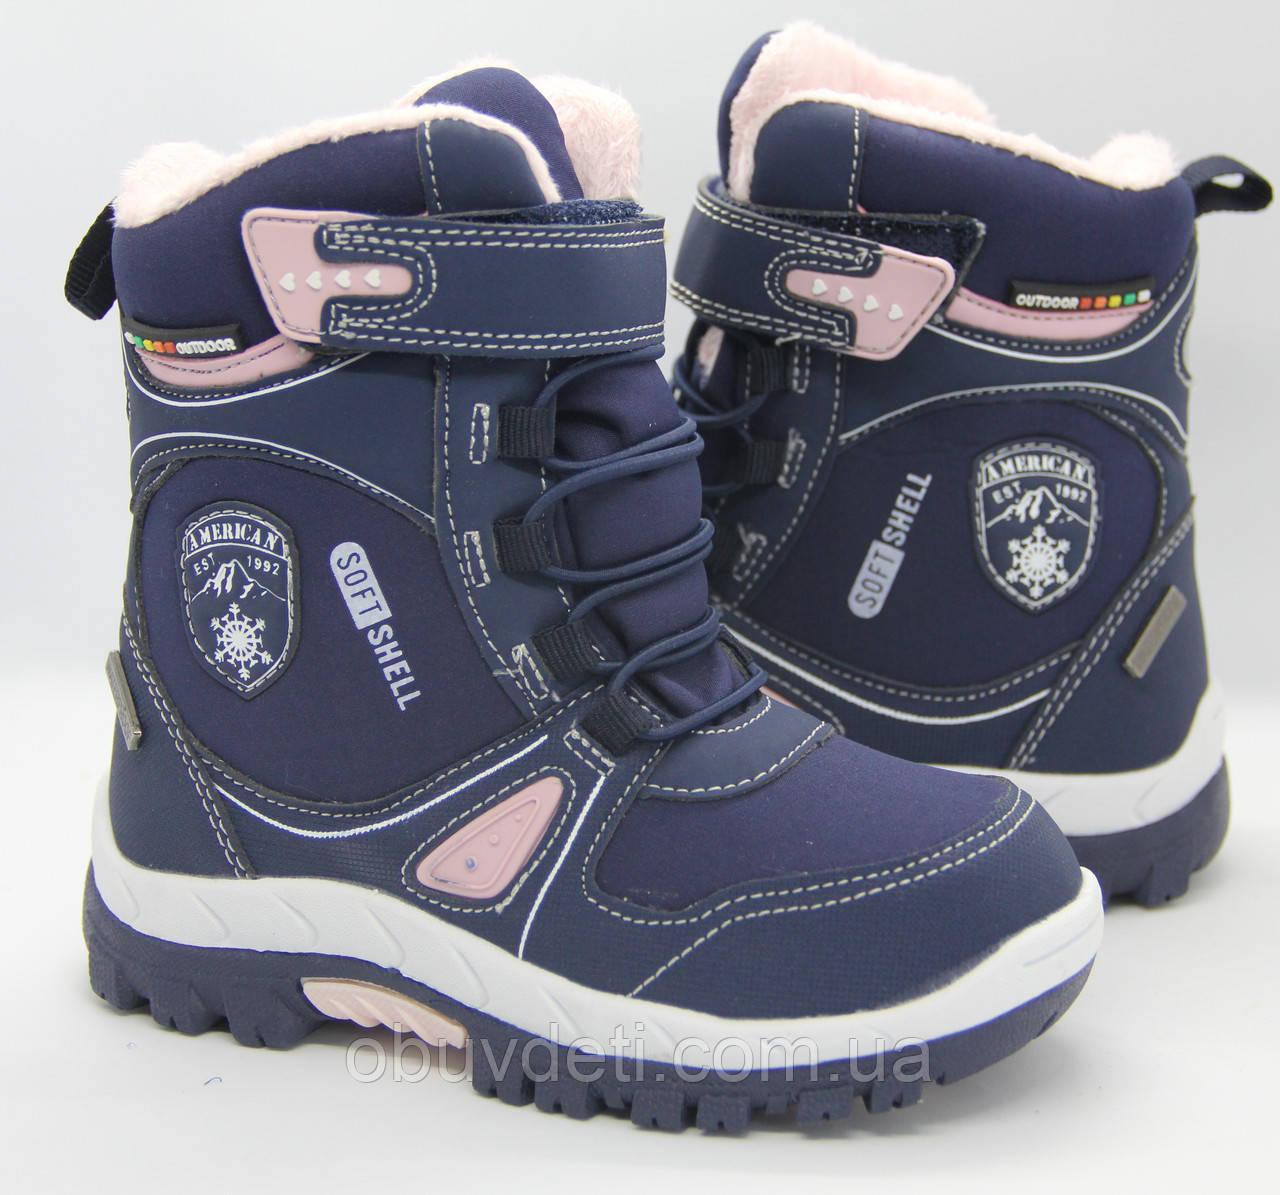 Термо черевики для дівчинки American Club 28 р-р - 18.7 см